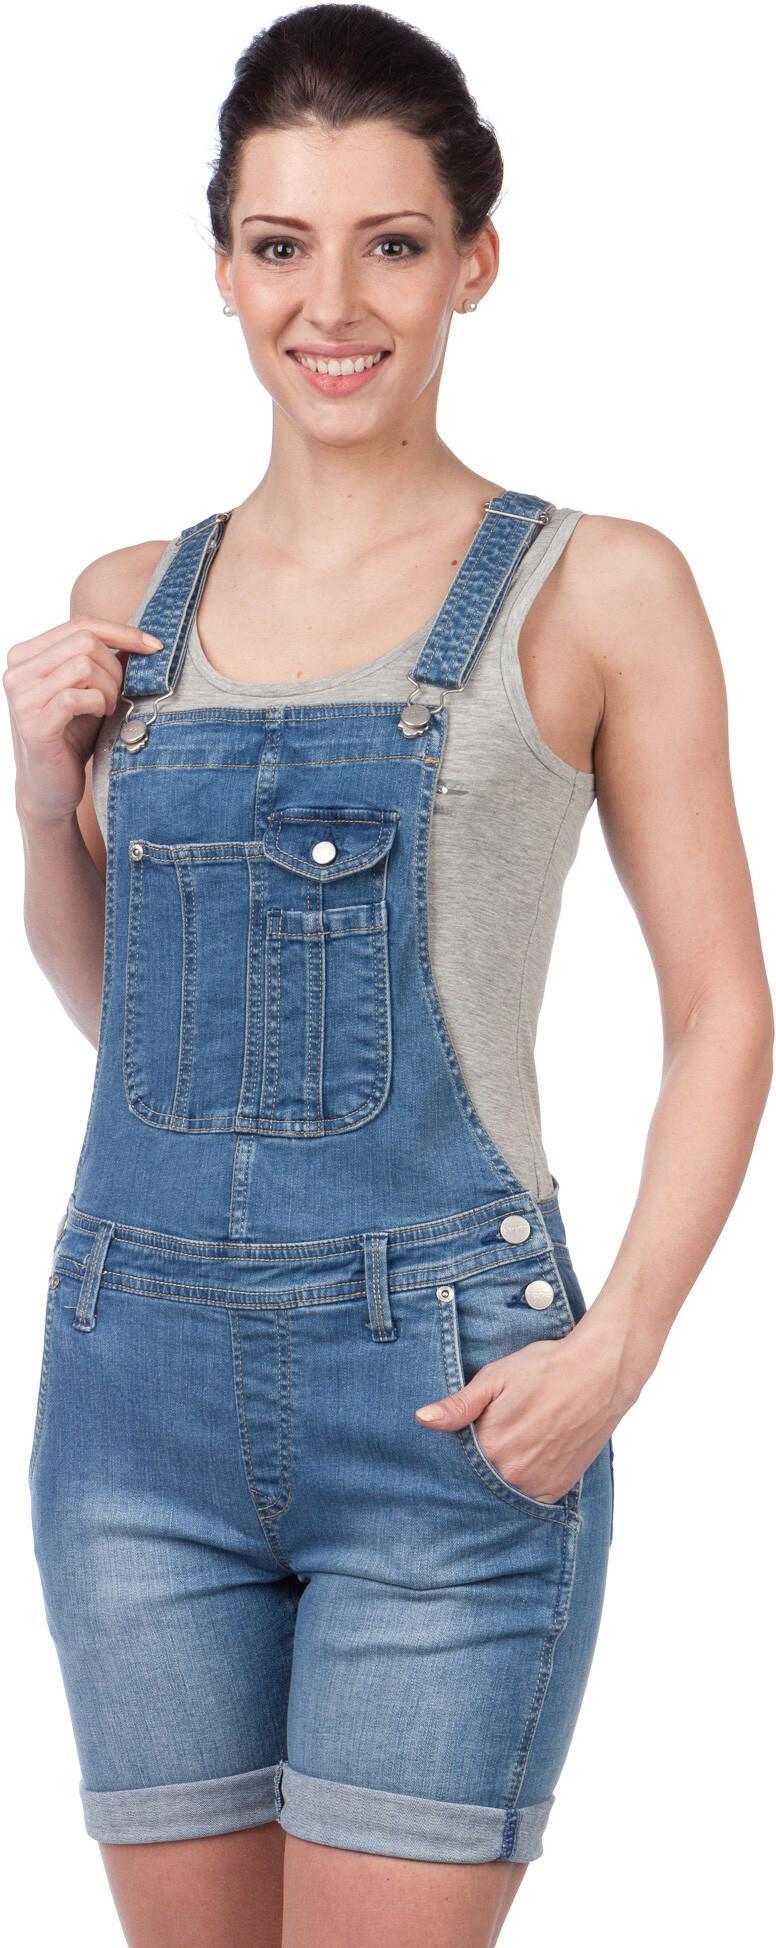 Pepe Jeans kombinezon damski Jessica M niebieski